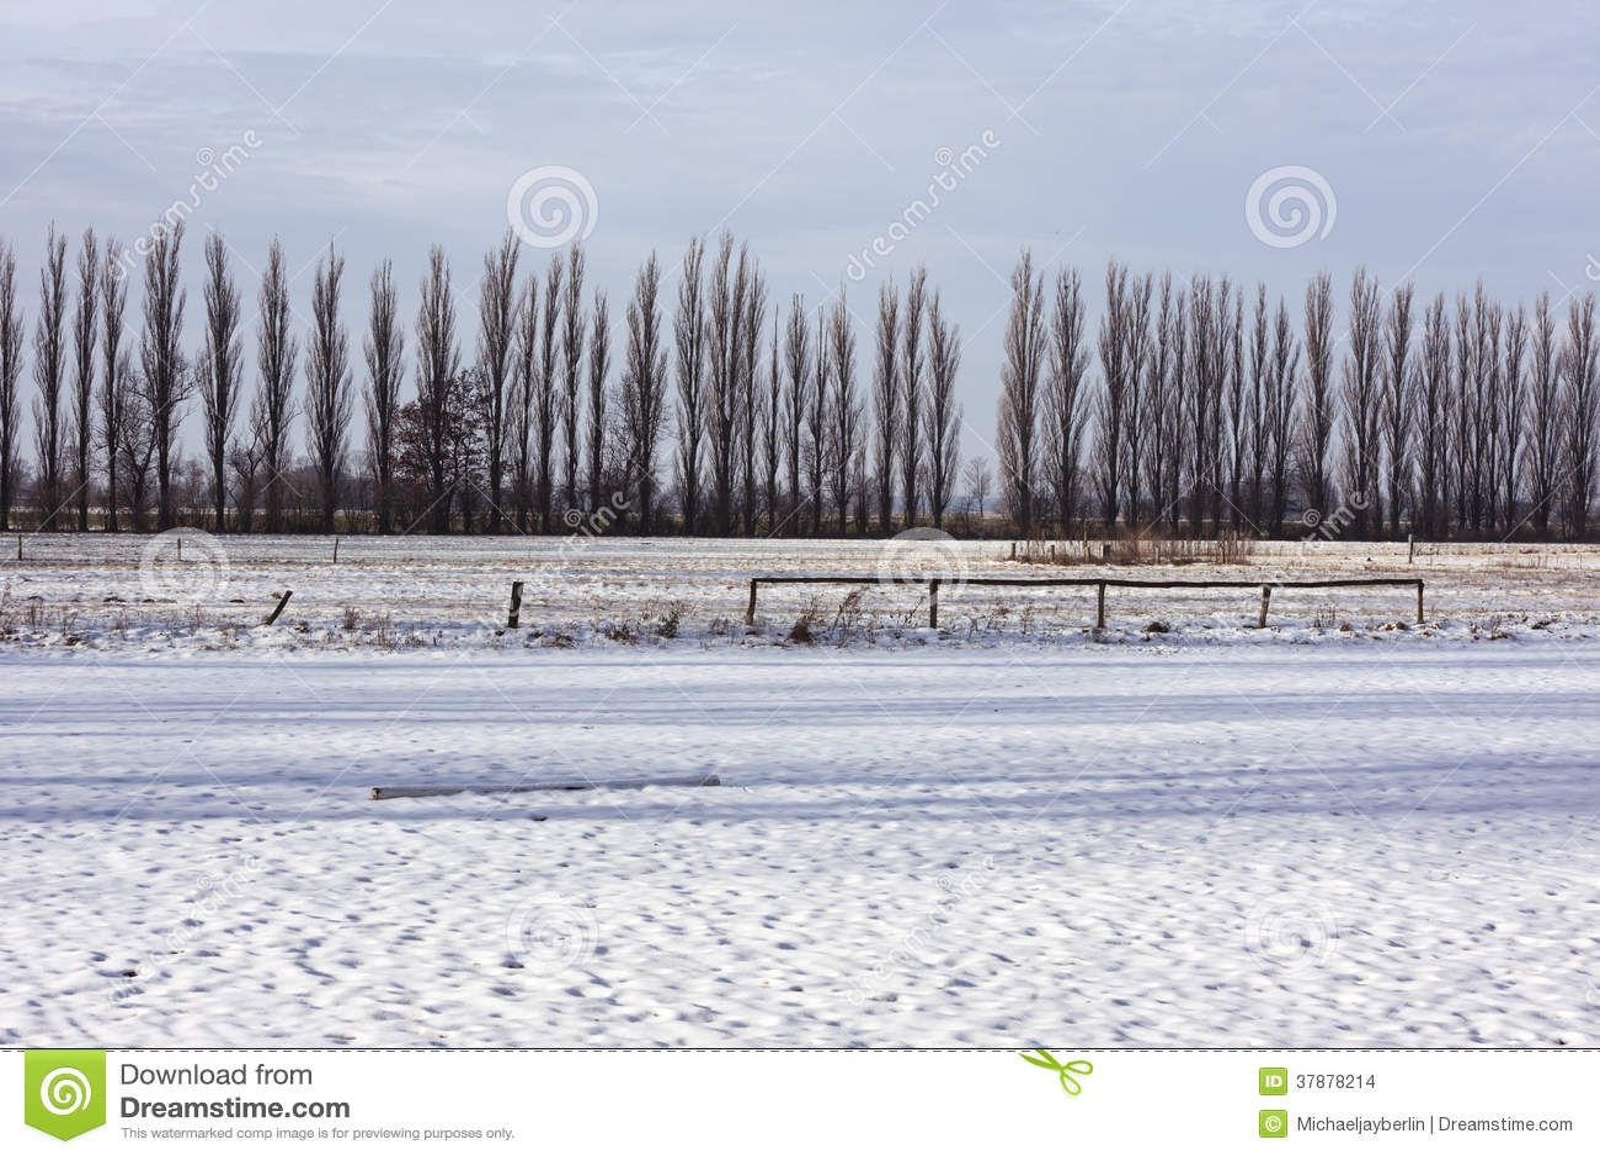 Lijn van bomen achter sneeuw behandeld gebied